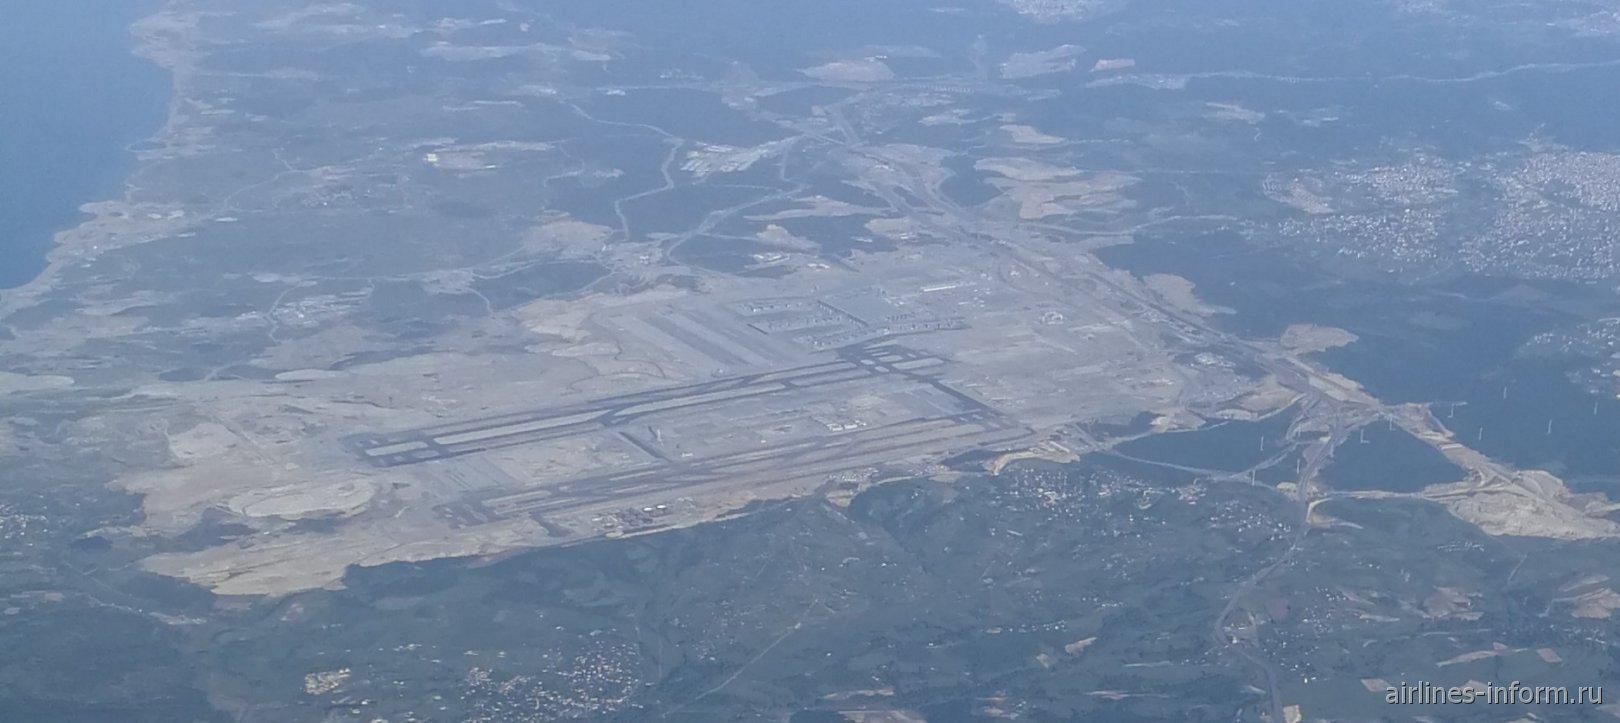 Вид из самолета на строящийся новый аэропорт Стамбула